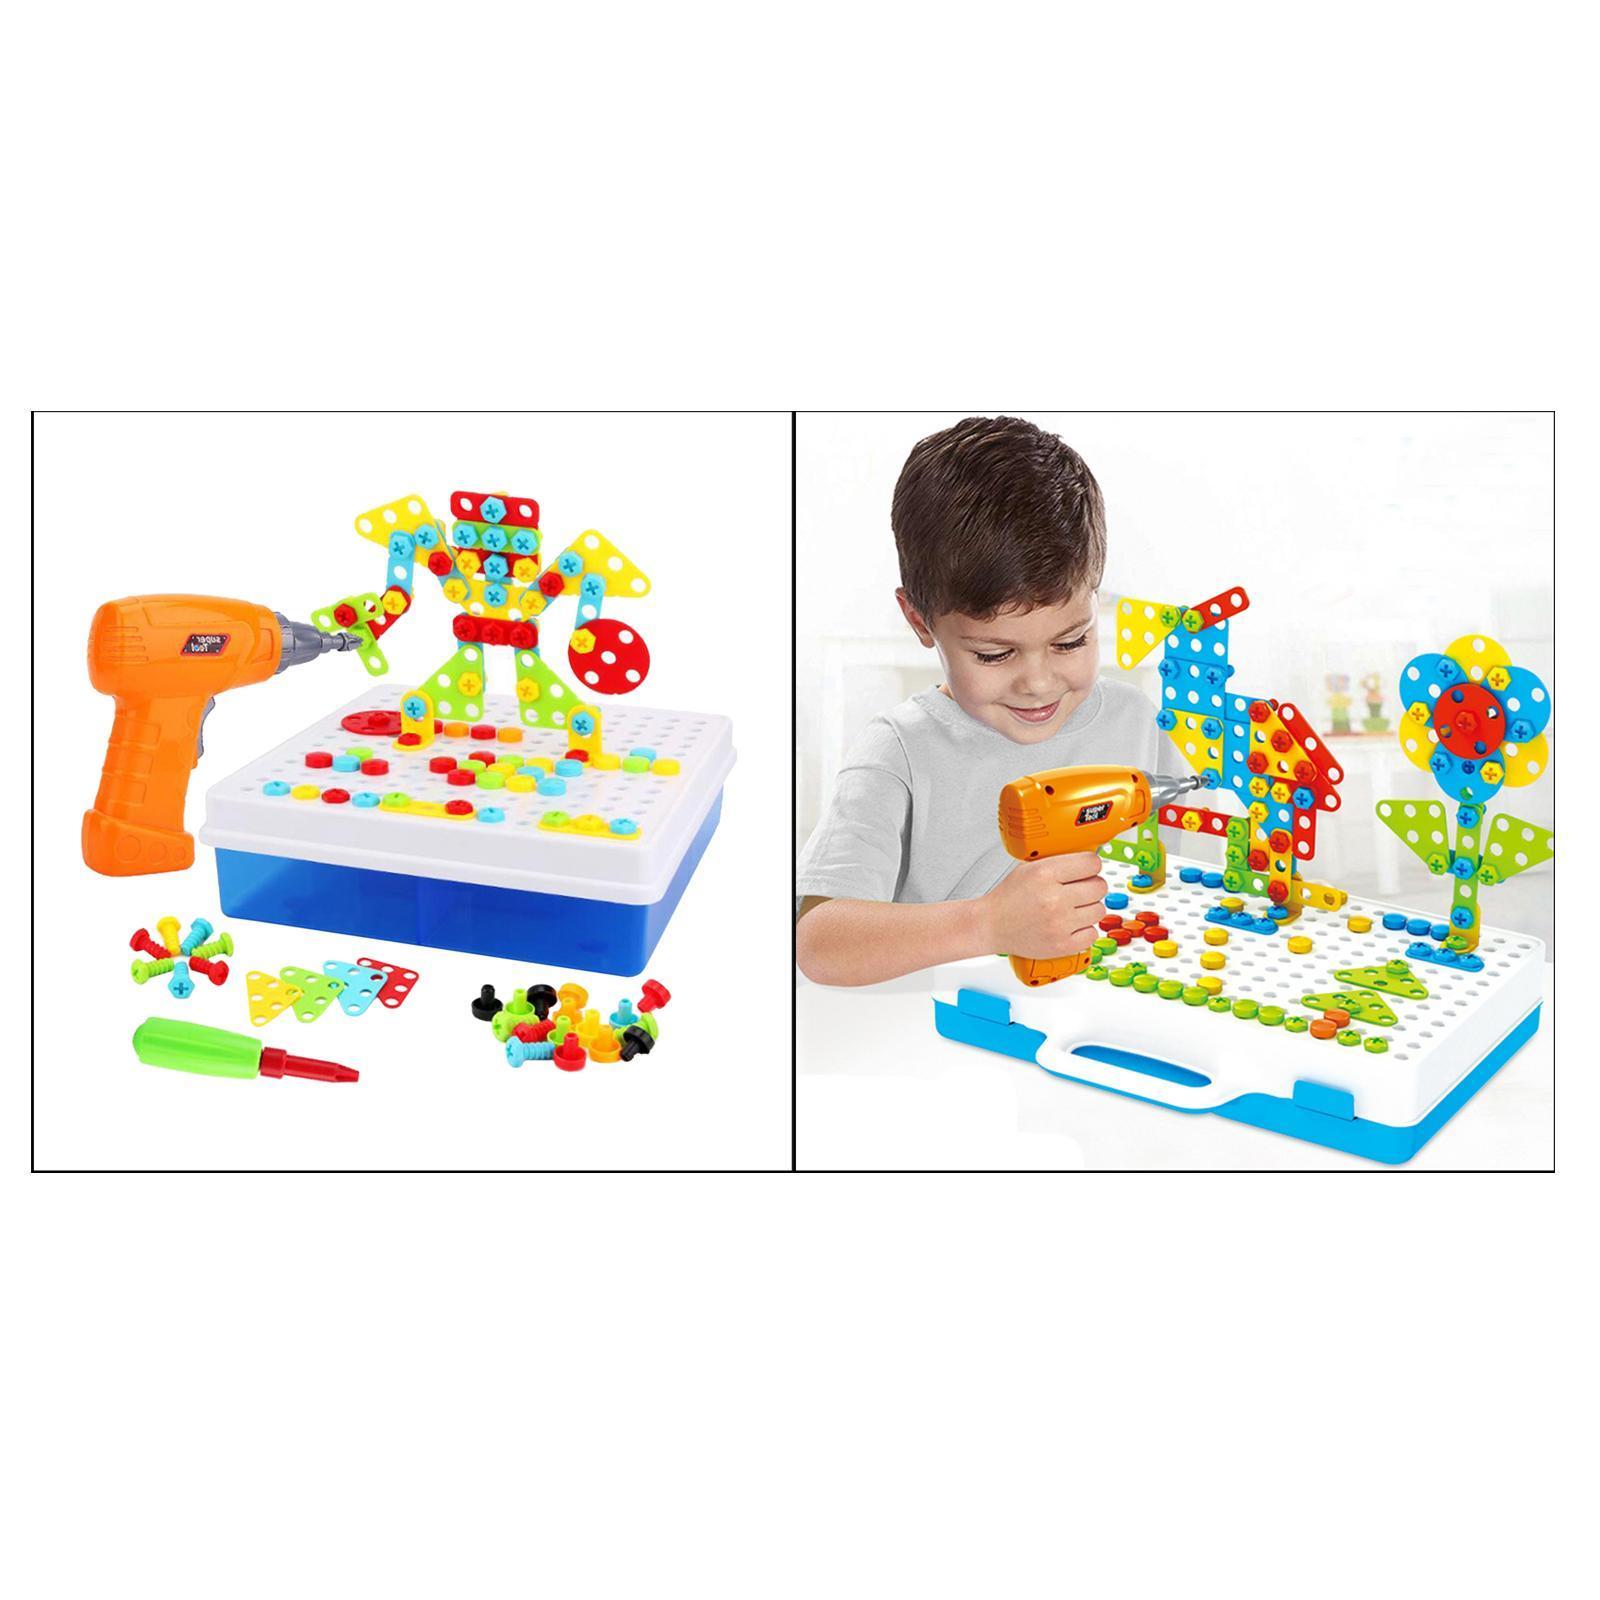 Creativo-Strumento-Educativo-Kit-FAI-DA-TE-Blocchi-di-Costruzione-Le-Capacita miniatura 19